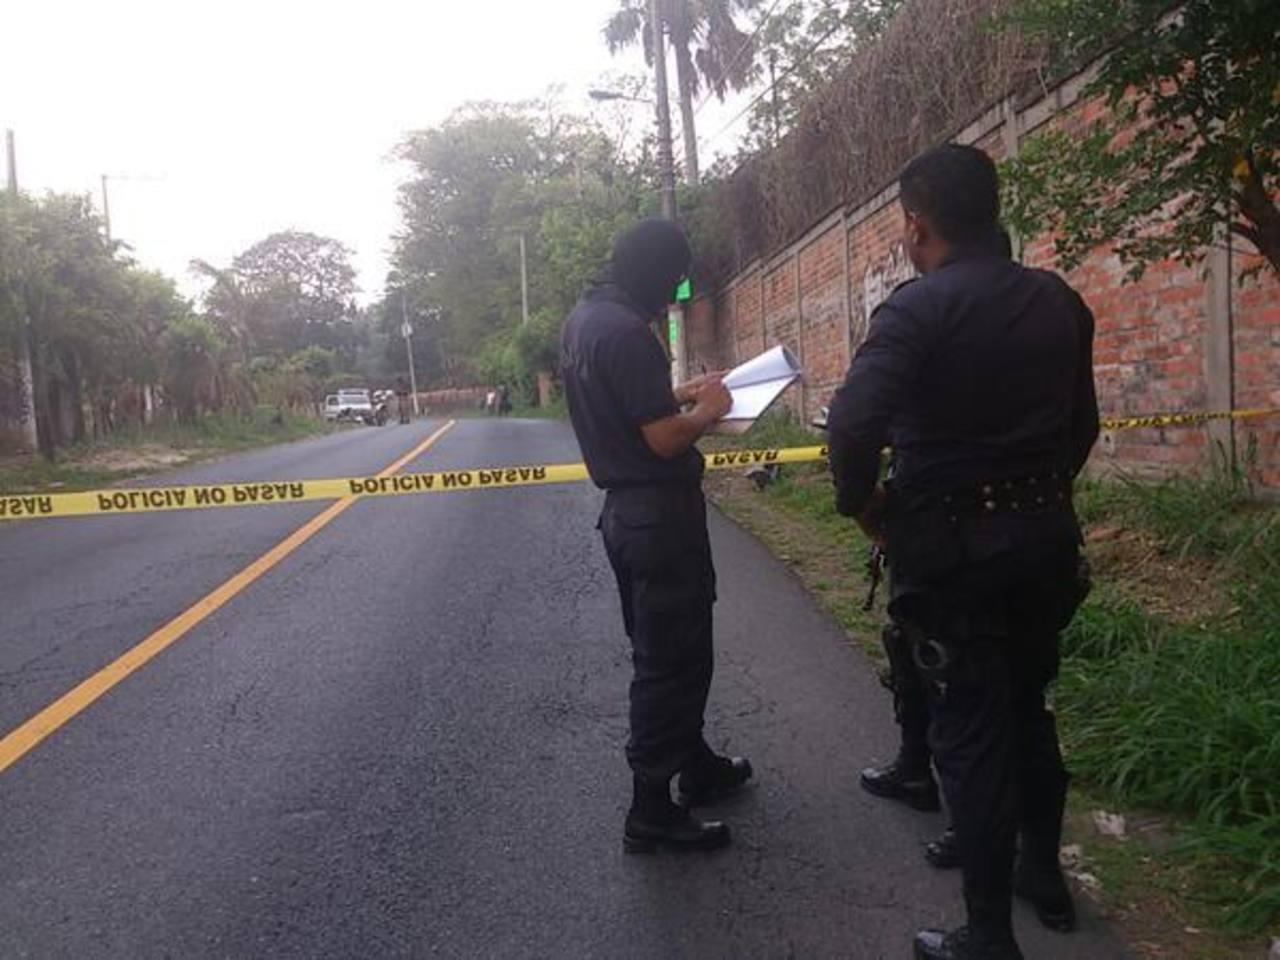 La Policía acordonó la zona donde fue hallado el cadáver de una mujer al interior de una bolsa. Foto vía Twitter Jaime Anaya